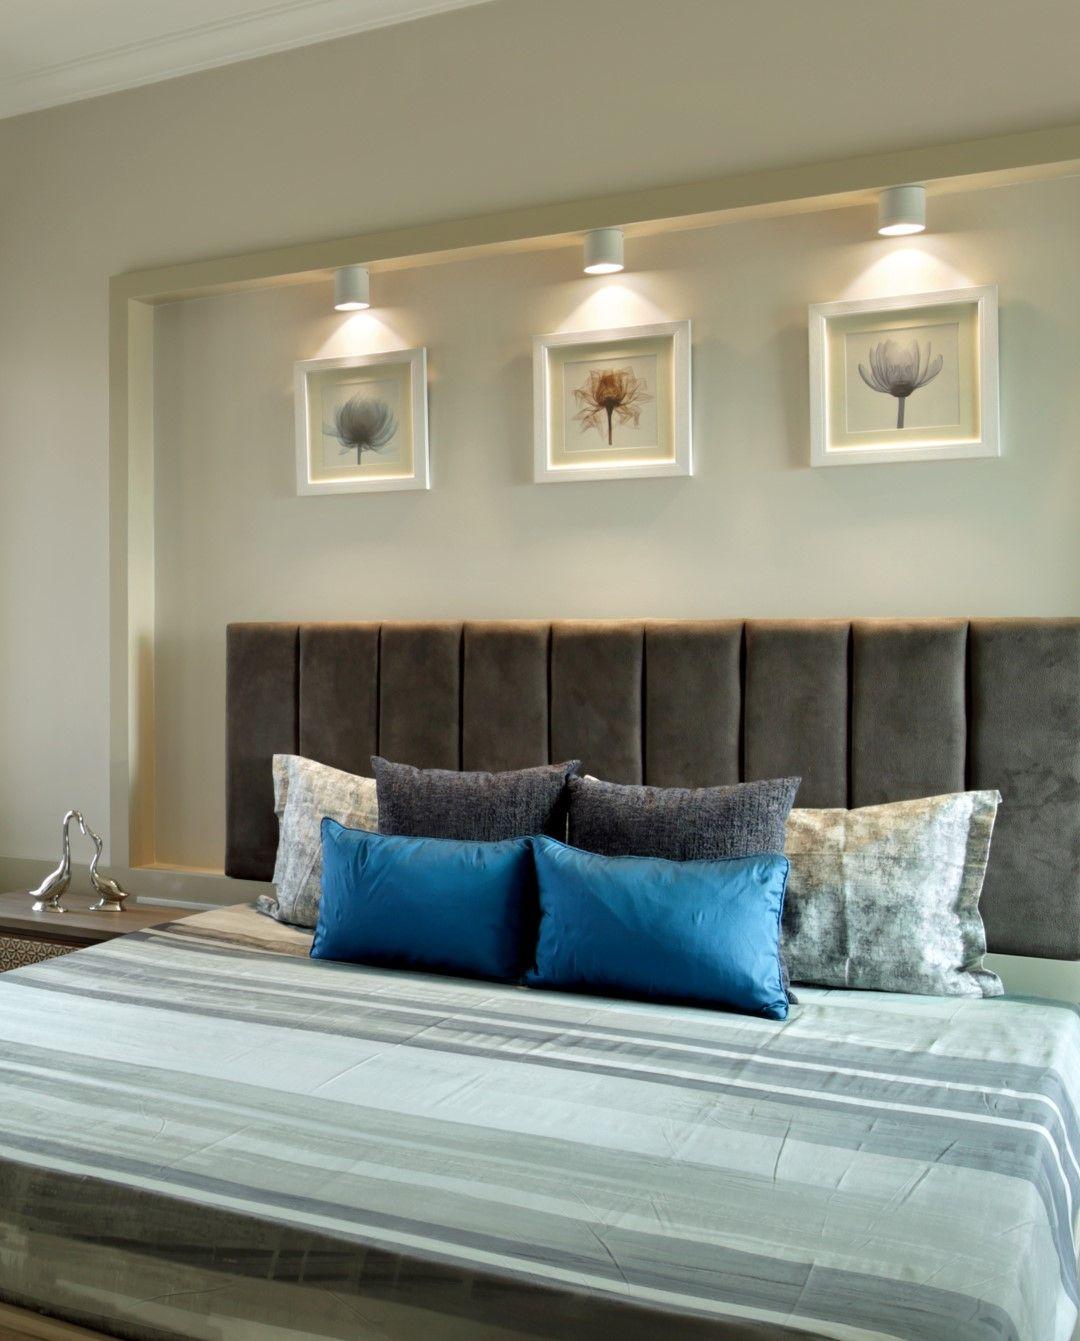 2 Bhk Interior Design Bed Rooms Pinterest Interior Design